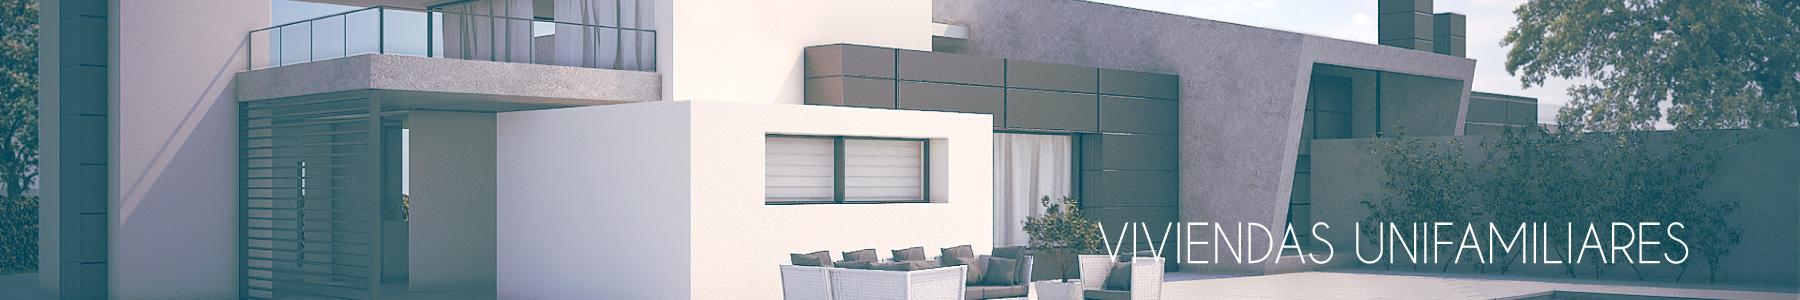 Proyectos casas unifamiliares arquitectos en madrid - Proyectos casas unifamiliares ...